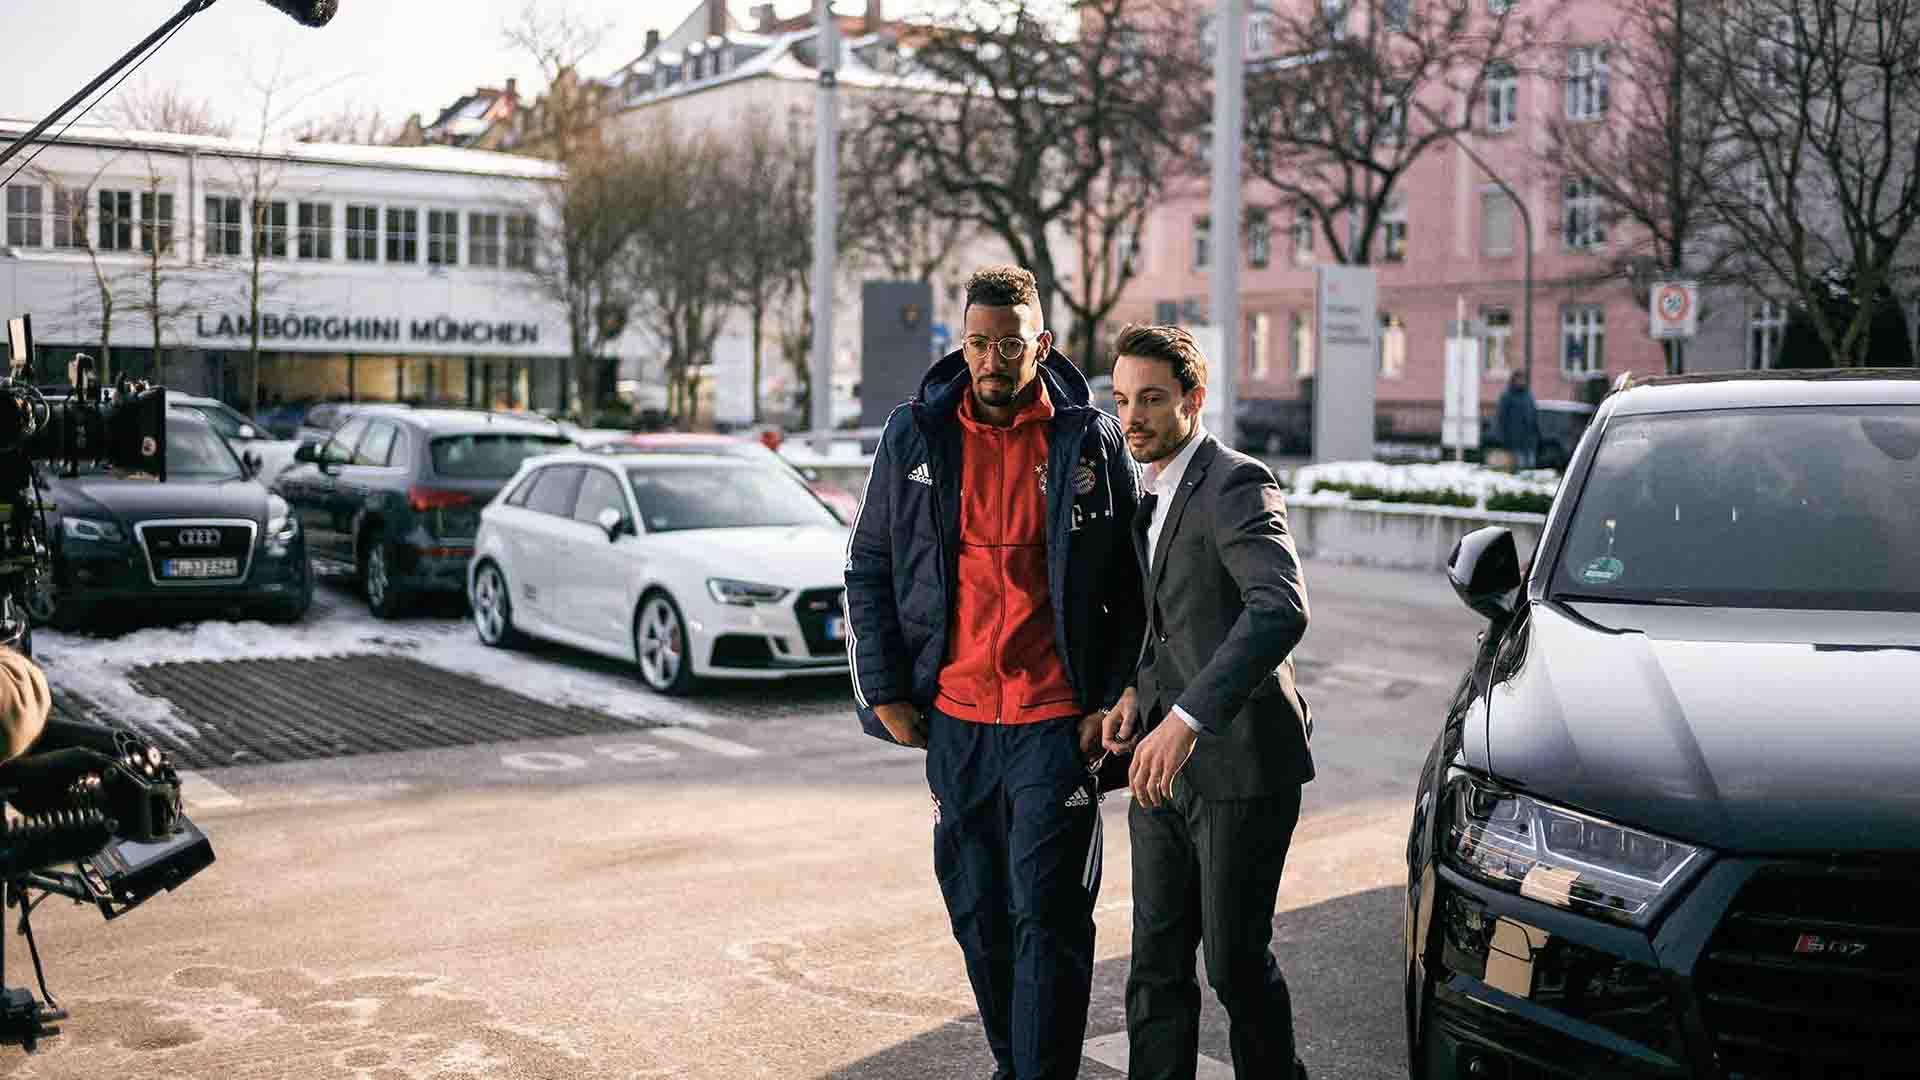 Das Bild zeigt den FC Bayern Fußballer Jérôme Boateng. Er wird von einem Mann in Anzug begleitet, ein Sercurtymann. Sie laufen neben einem parkenden Auto. Hinter ihnen stehen andere parkende Autos sowie Gebäude. Das Bild dient als Sliderbild für den Portfolioeintrag Audi / FC Bayern – Glückliche Nachbesitzer von Panda Pictures.